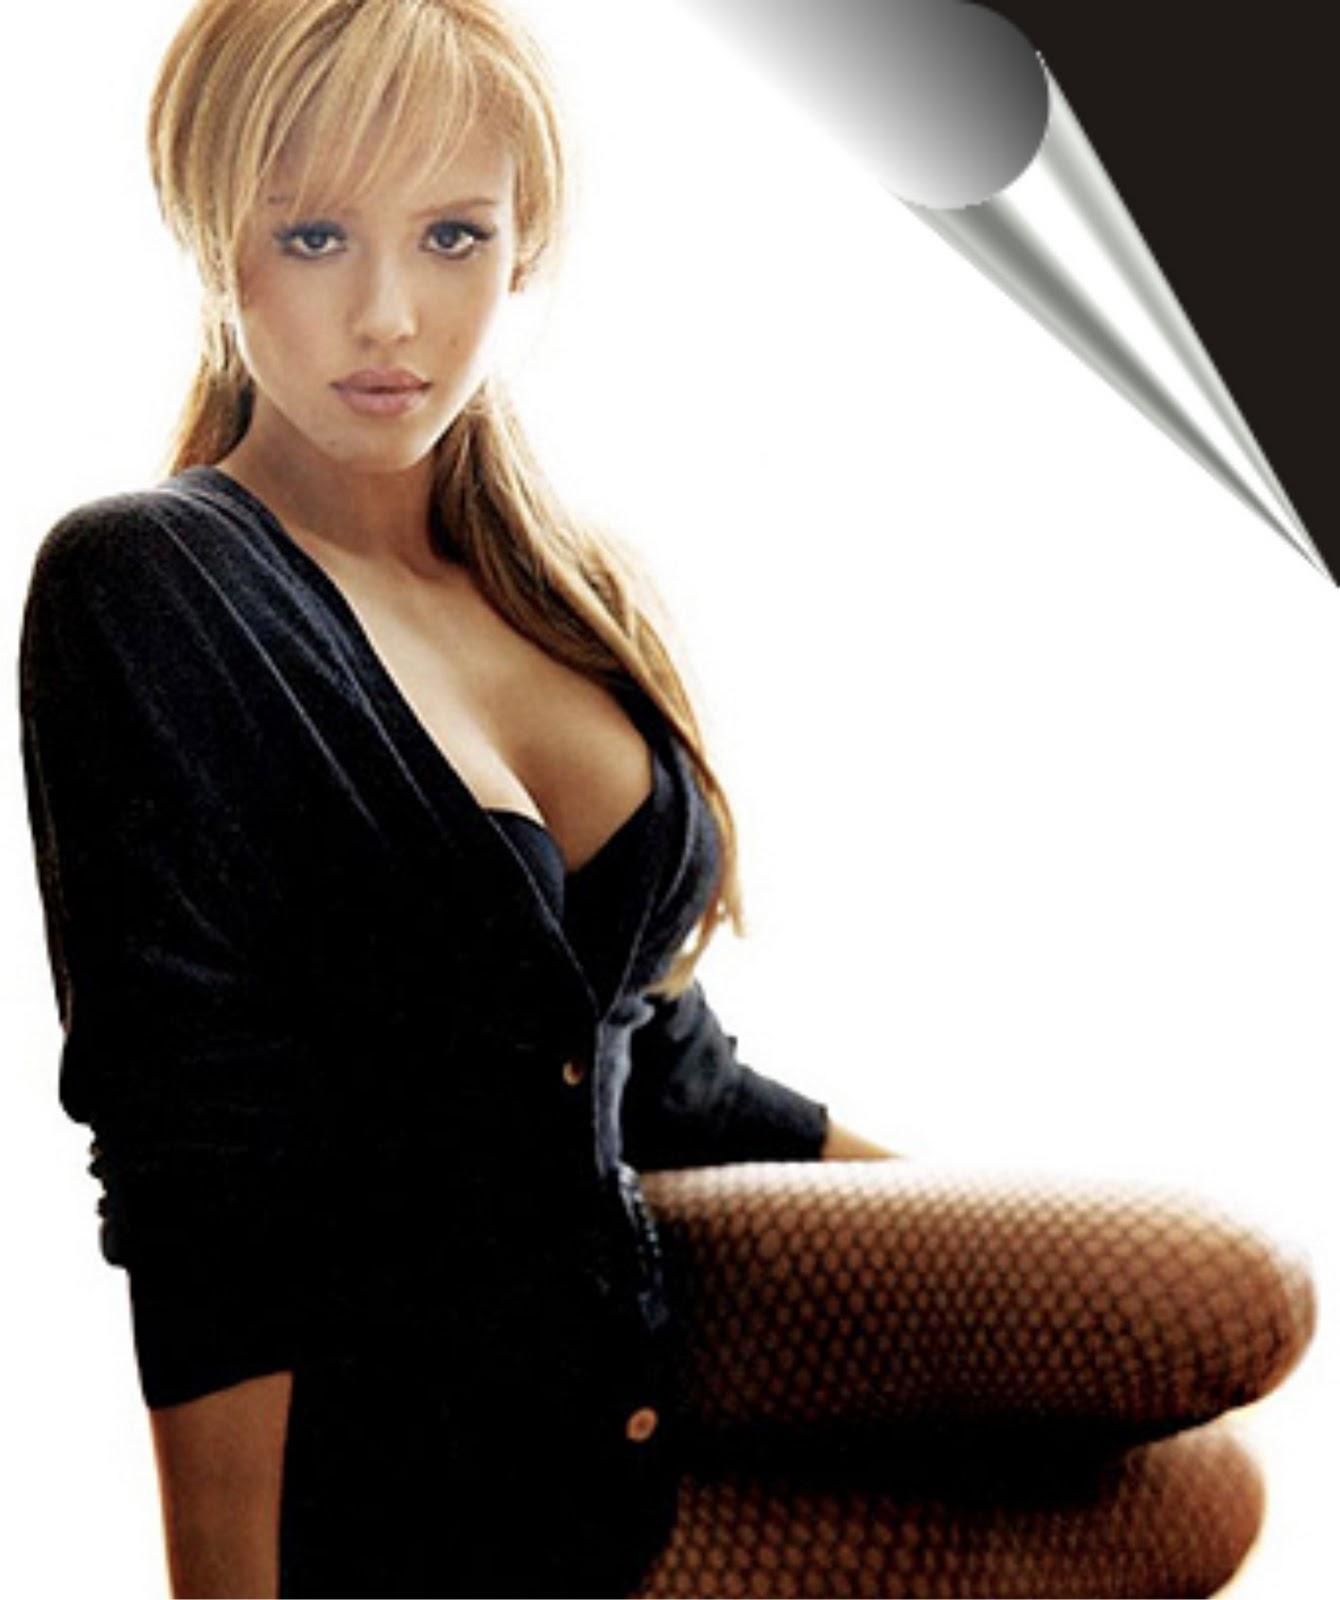 http://1.bp.blogspot.com/-82F_-46X_rU/TpzSNytuv-I/AAAAAAAAChs/gGnvnxoK_V8/s1600/JESSICA+08.jpg